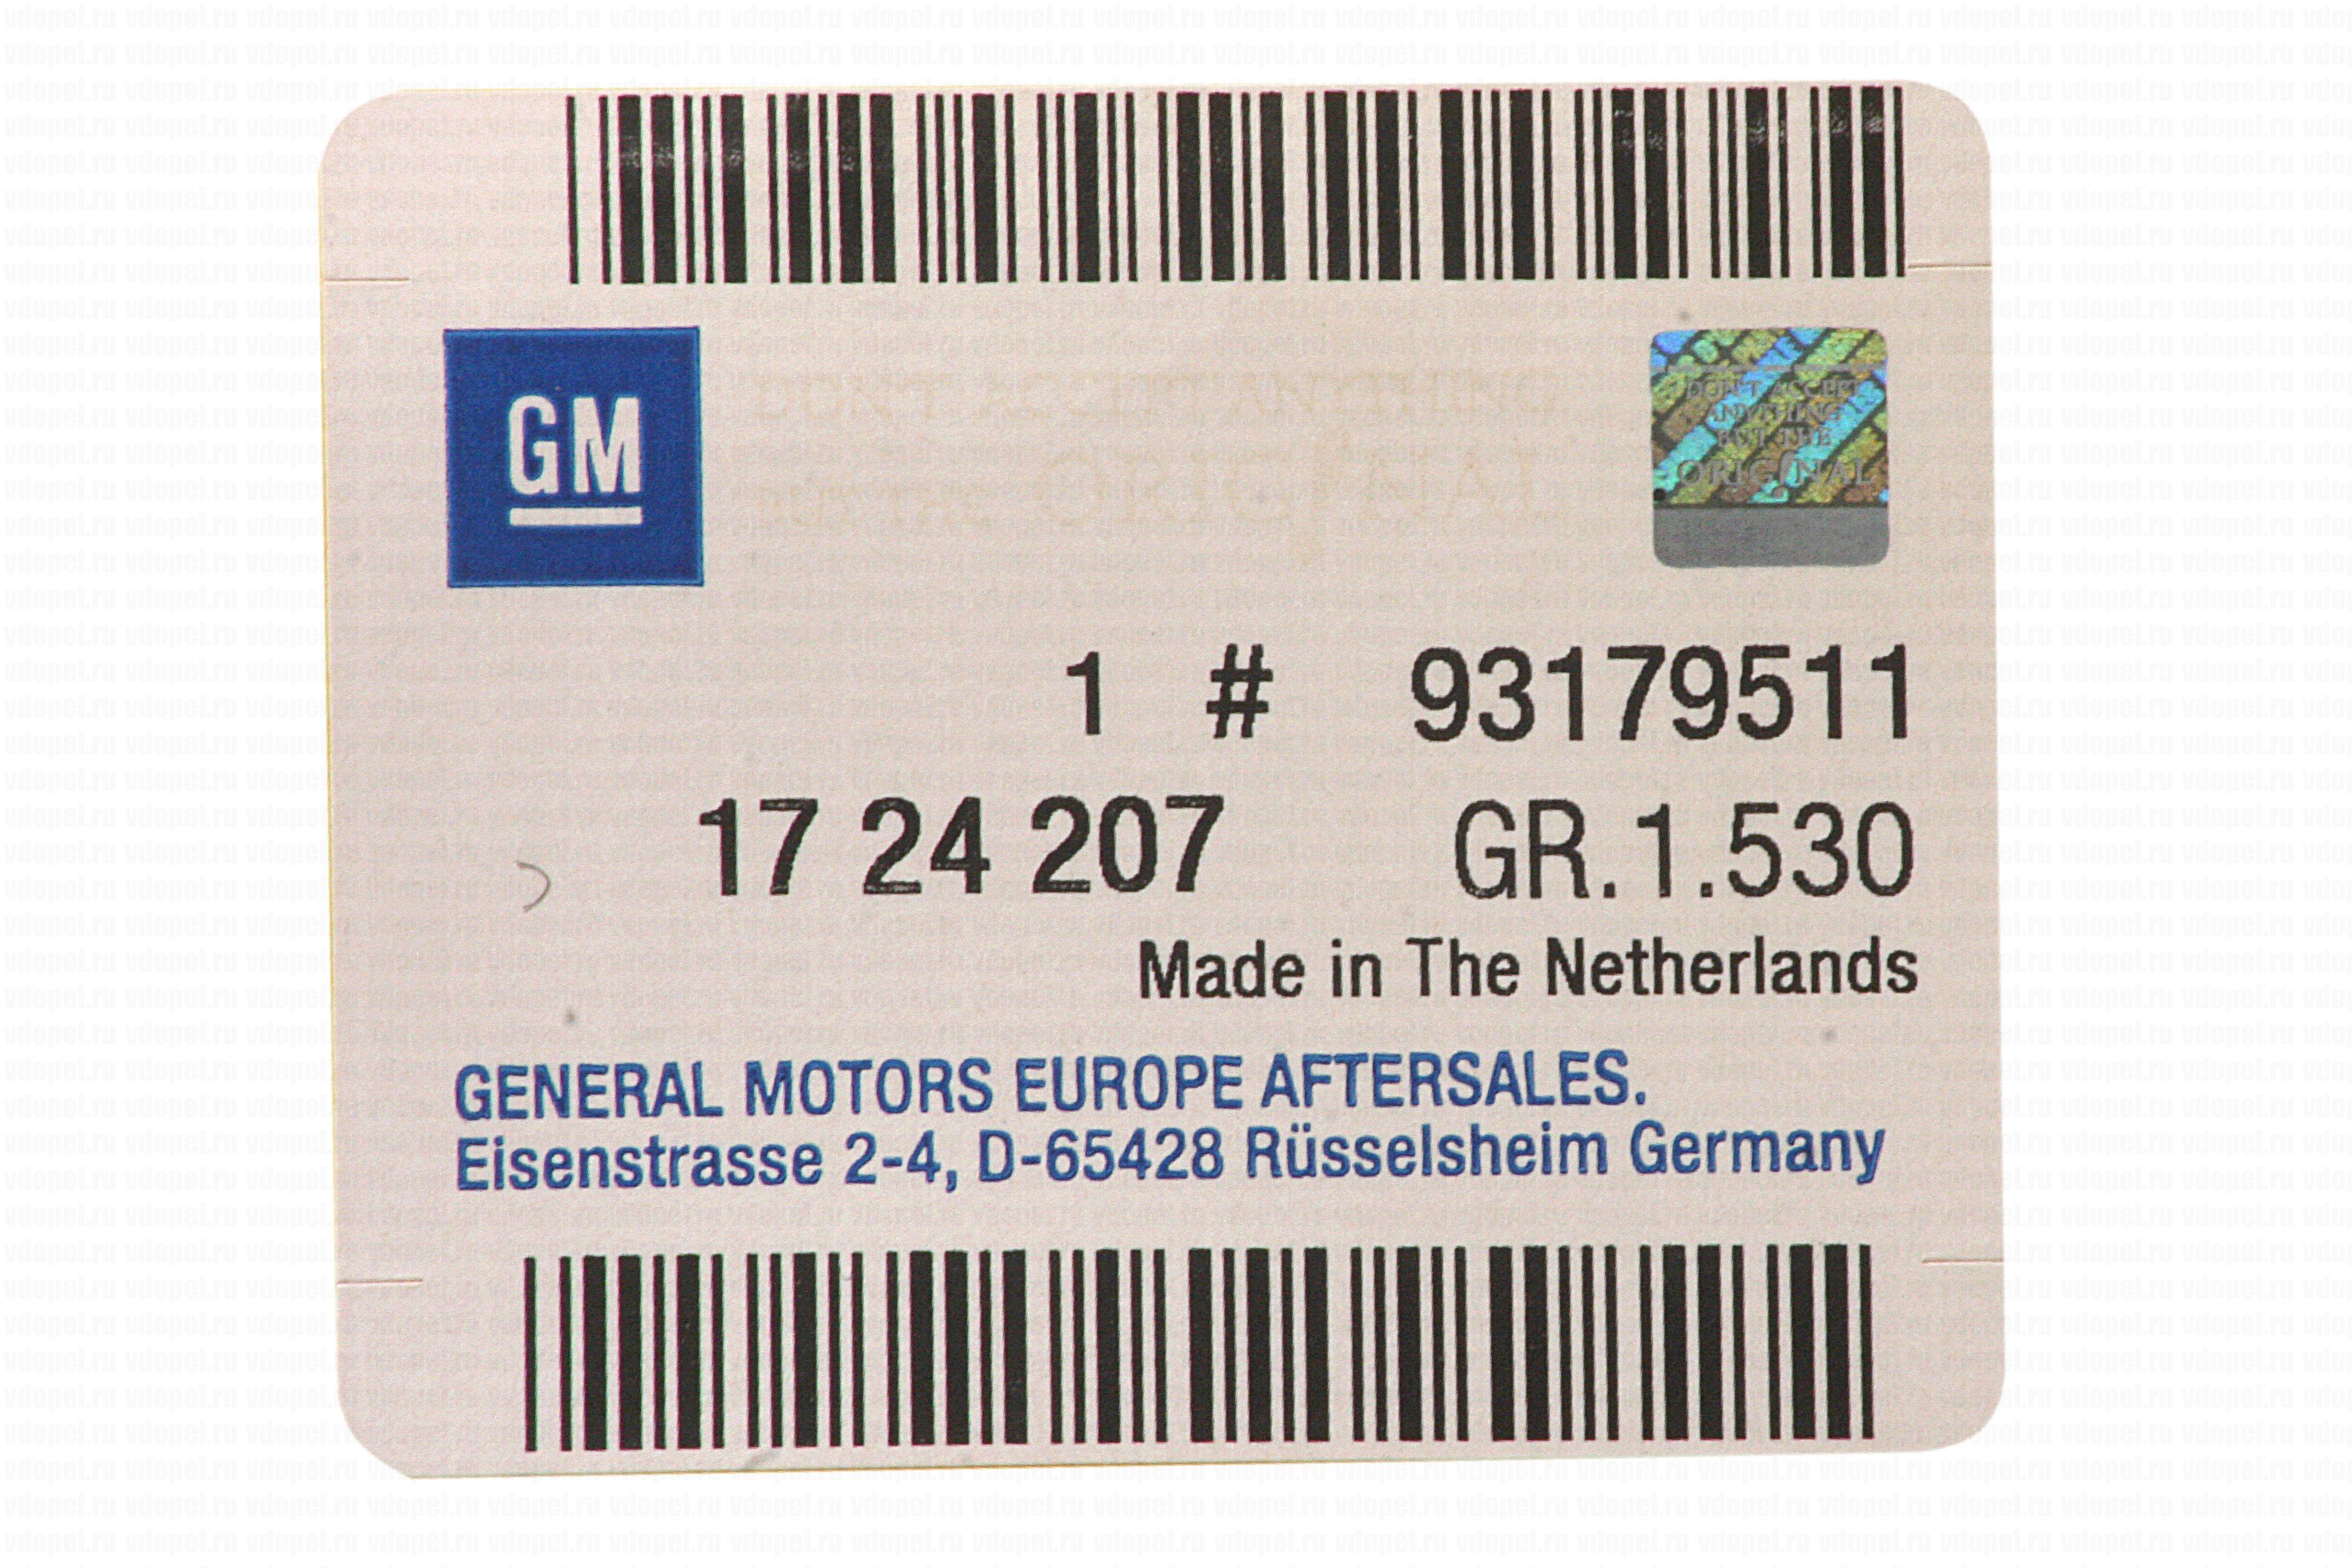 GM 93179511  - Коврик автомобильный Вектра С (к-т 4шт.). 04-